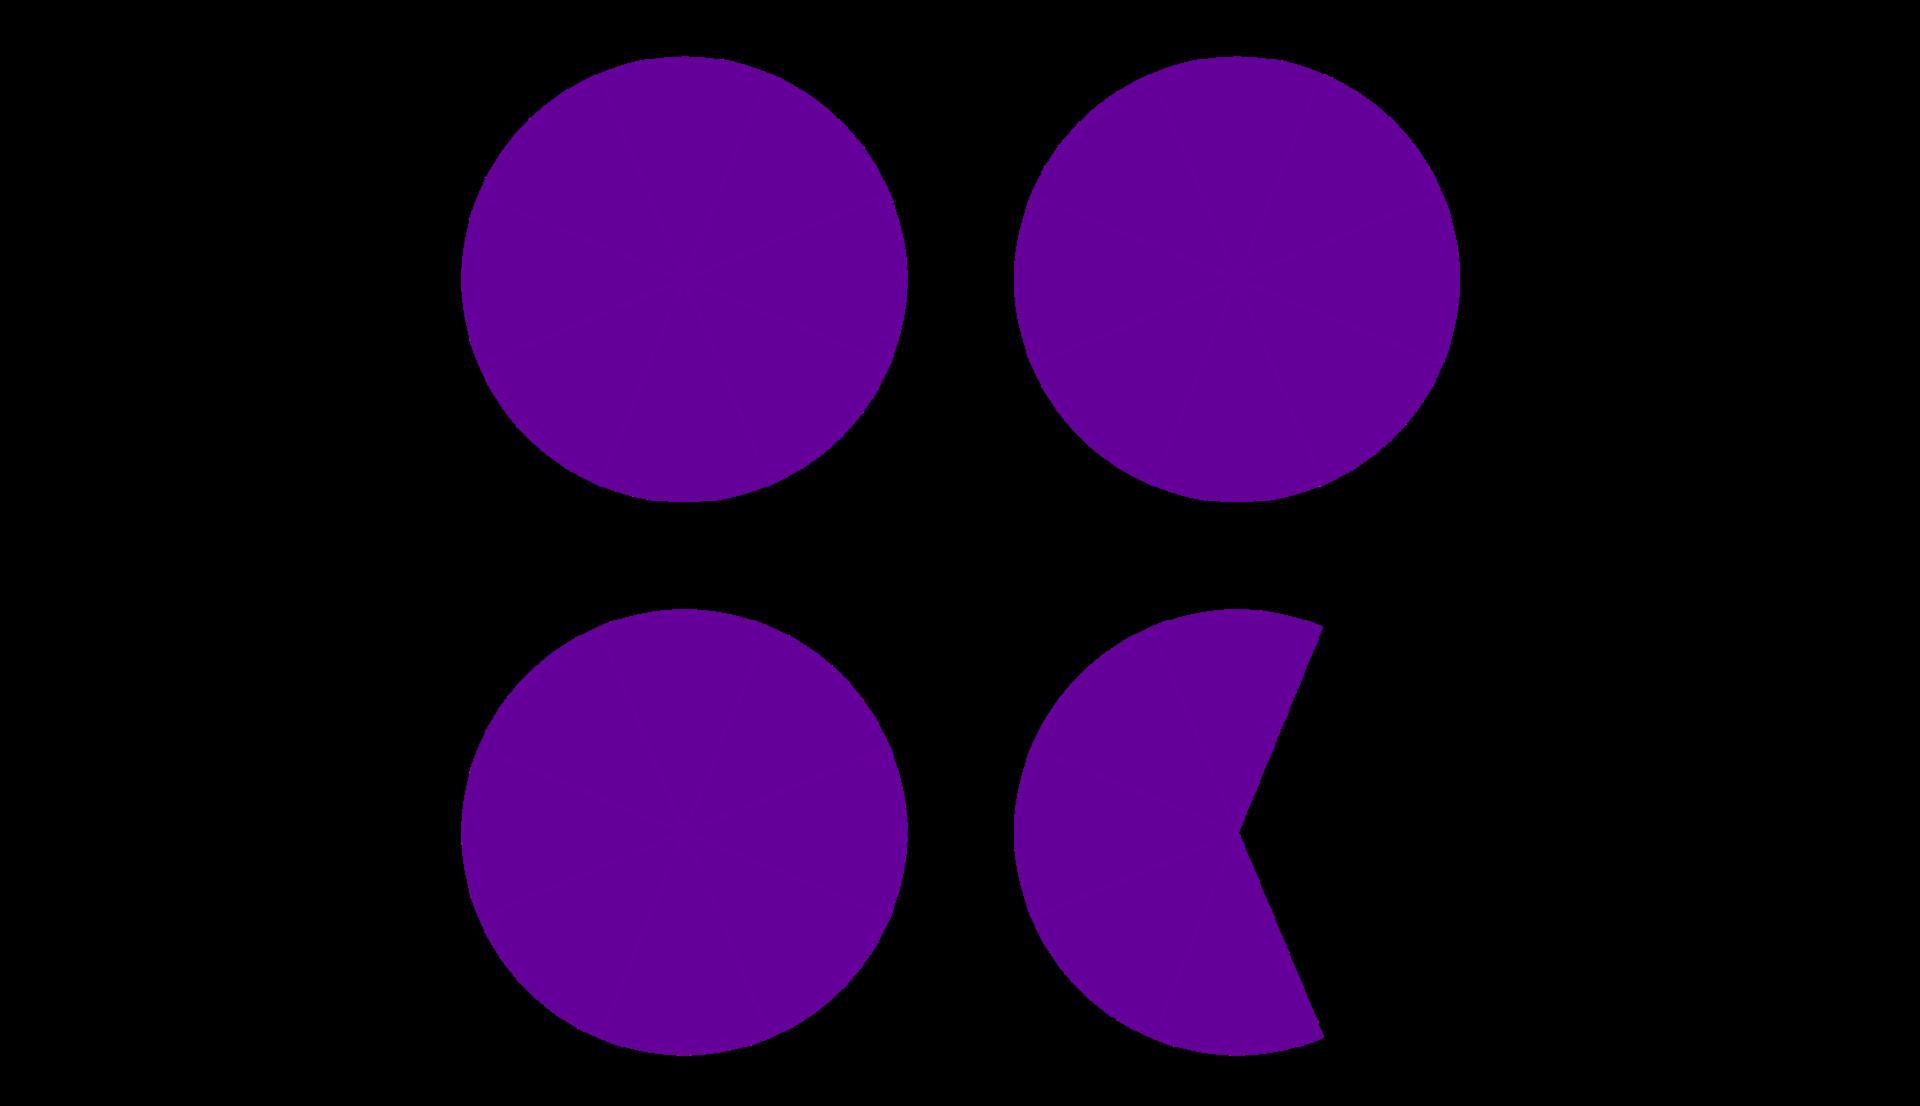 Tres enteros y cinco octavos son veintinueve octavos.